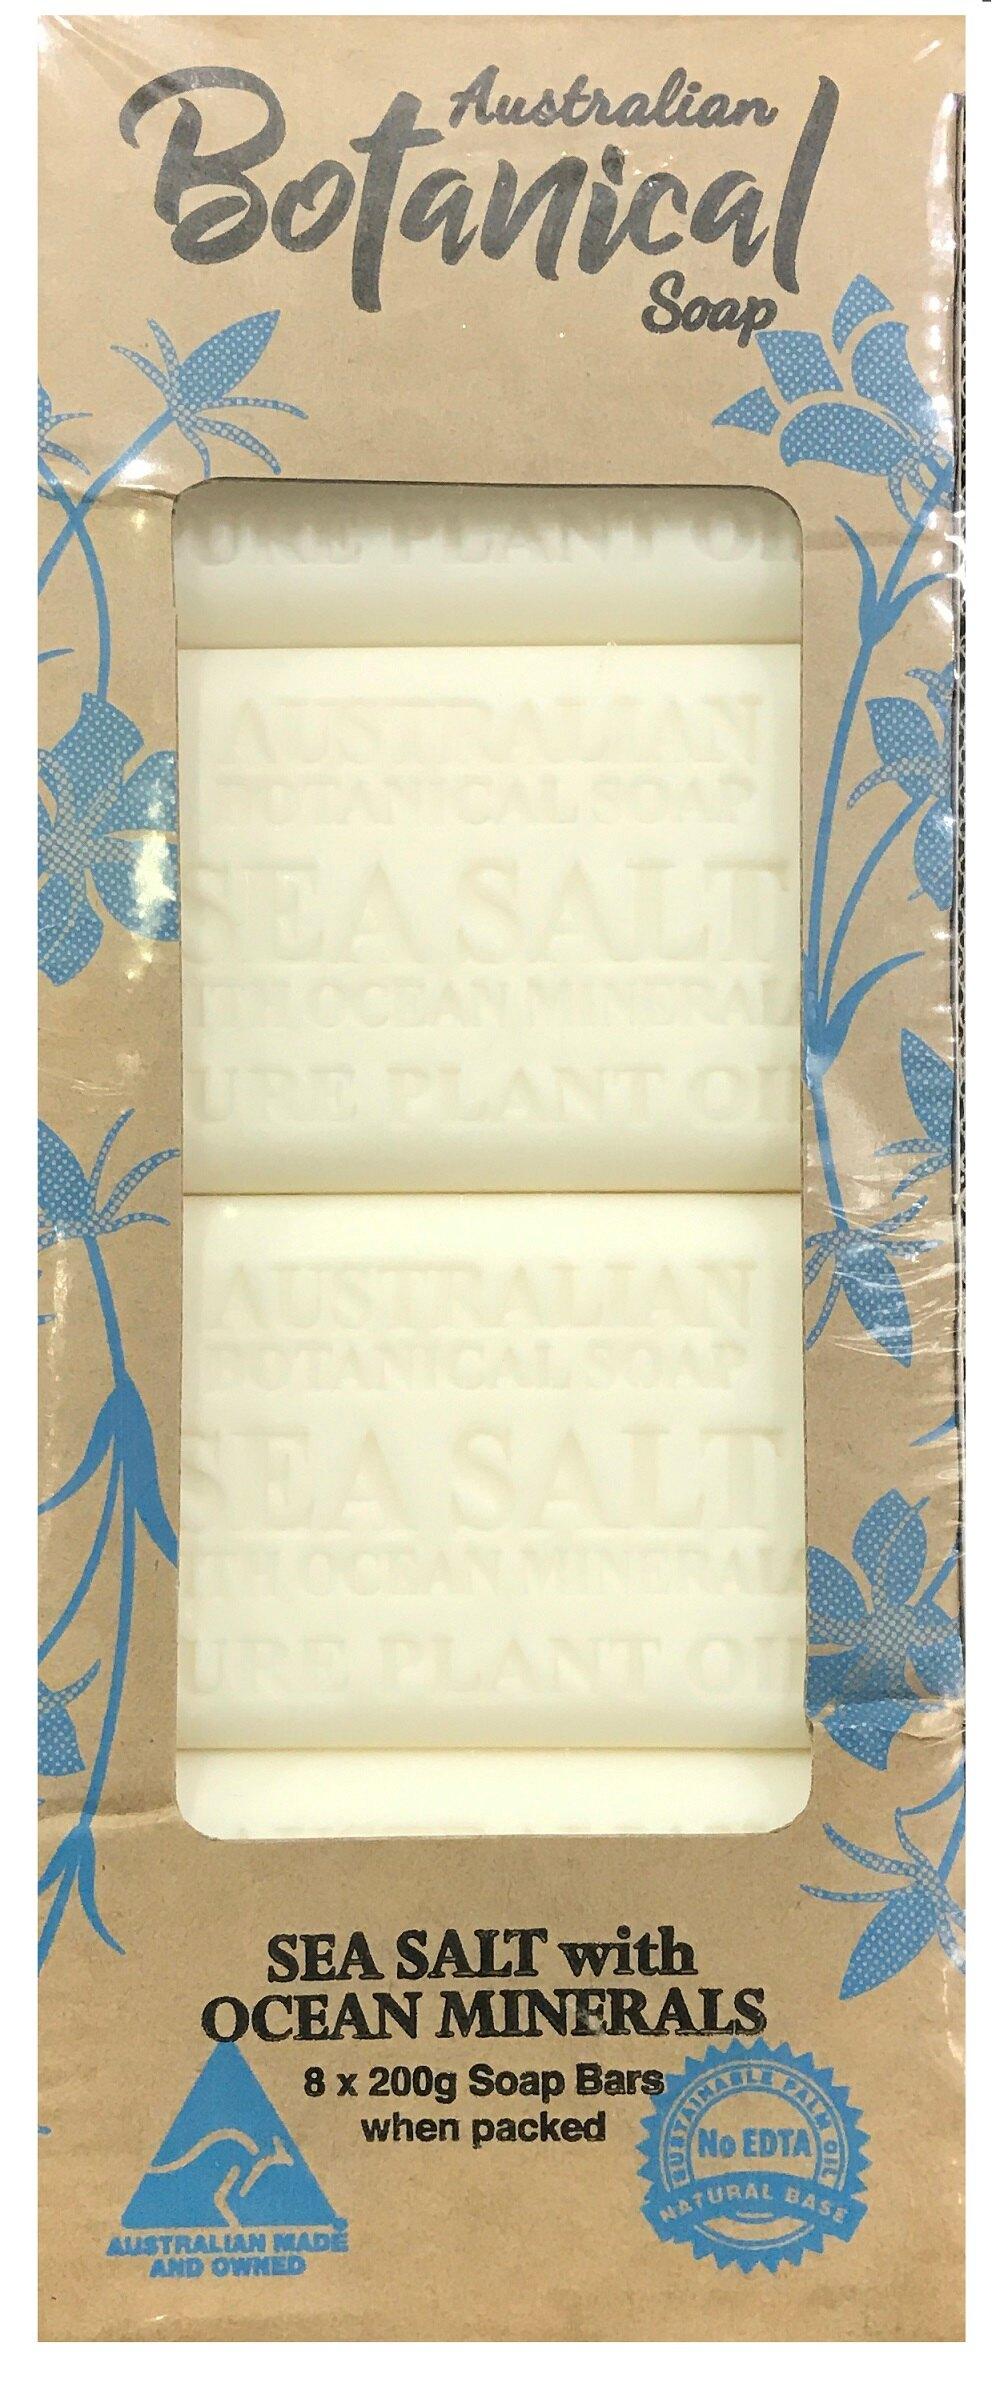 【現貨】澳洲製植物精油香皂8入(海鹽&檸檬草二選一)